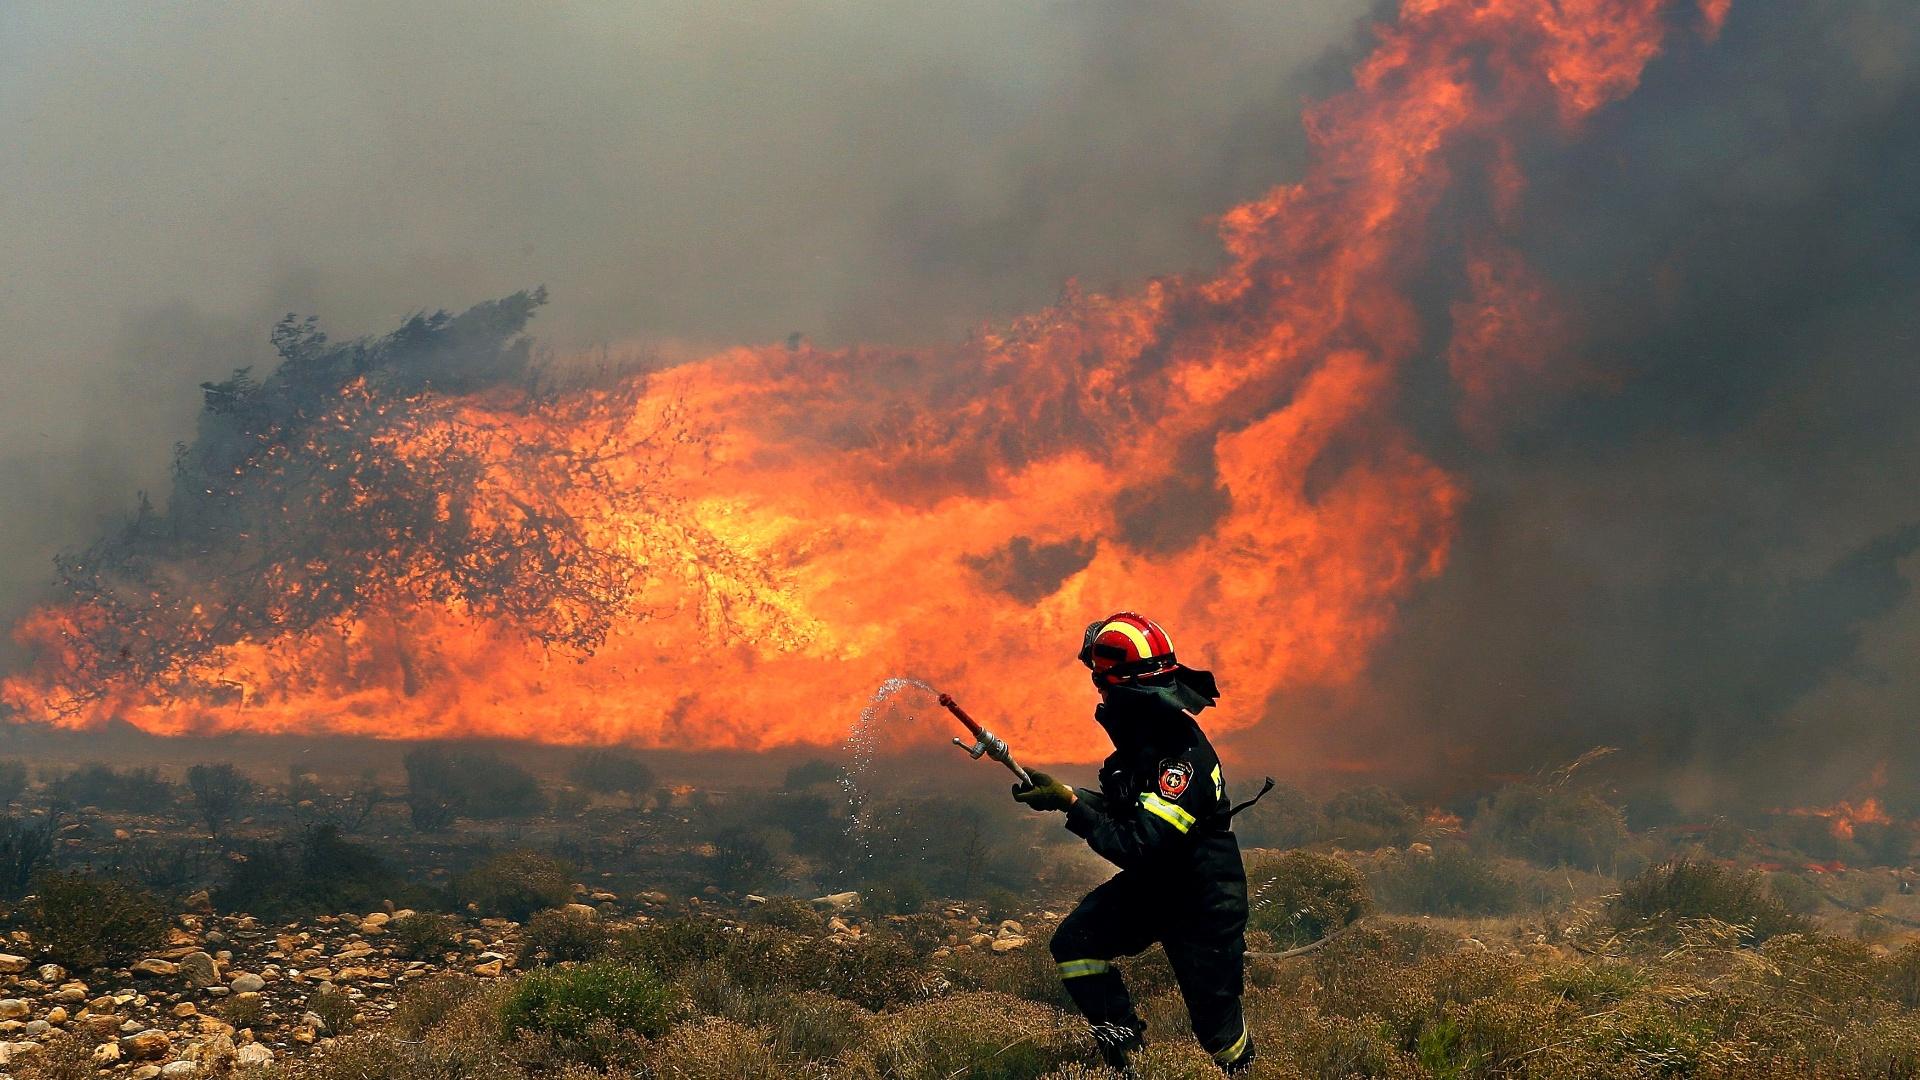 5.ago.2013 - Bombeiro corre com mangueira para apagar um incêndio florestal que atinge Maratona, perto de Atenas, na Grécia. O incêndio, espalhado por fortes ventos, se alastrou atingindo diversas casas